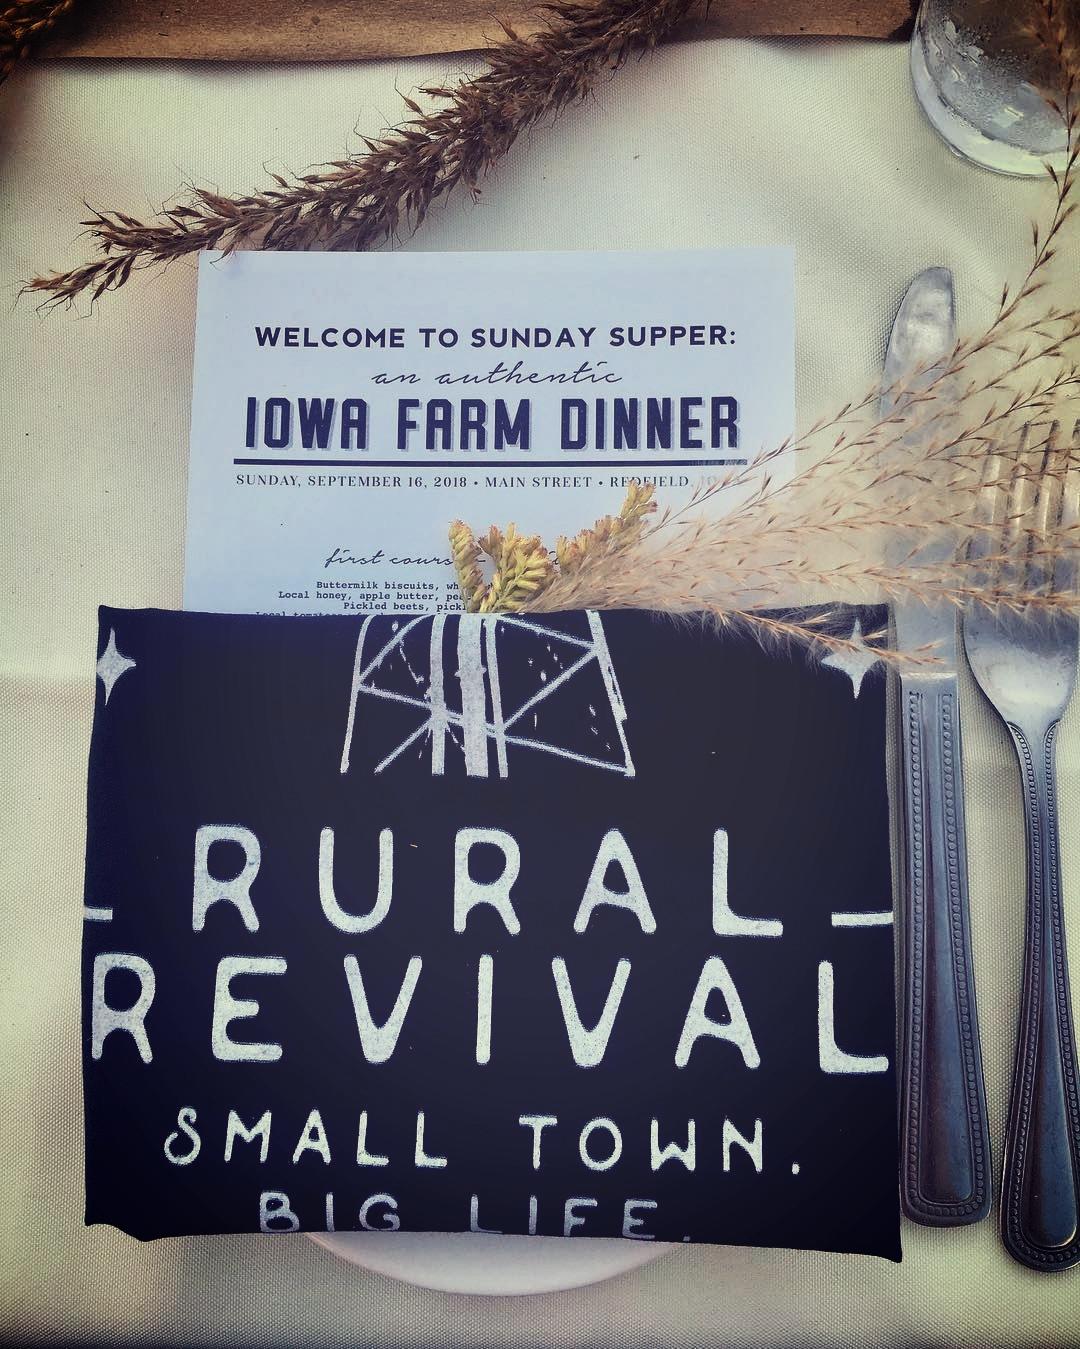 Rural Revival Iowa Farm Dinner.jpg